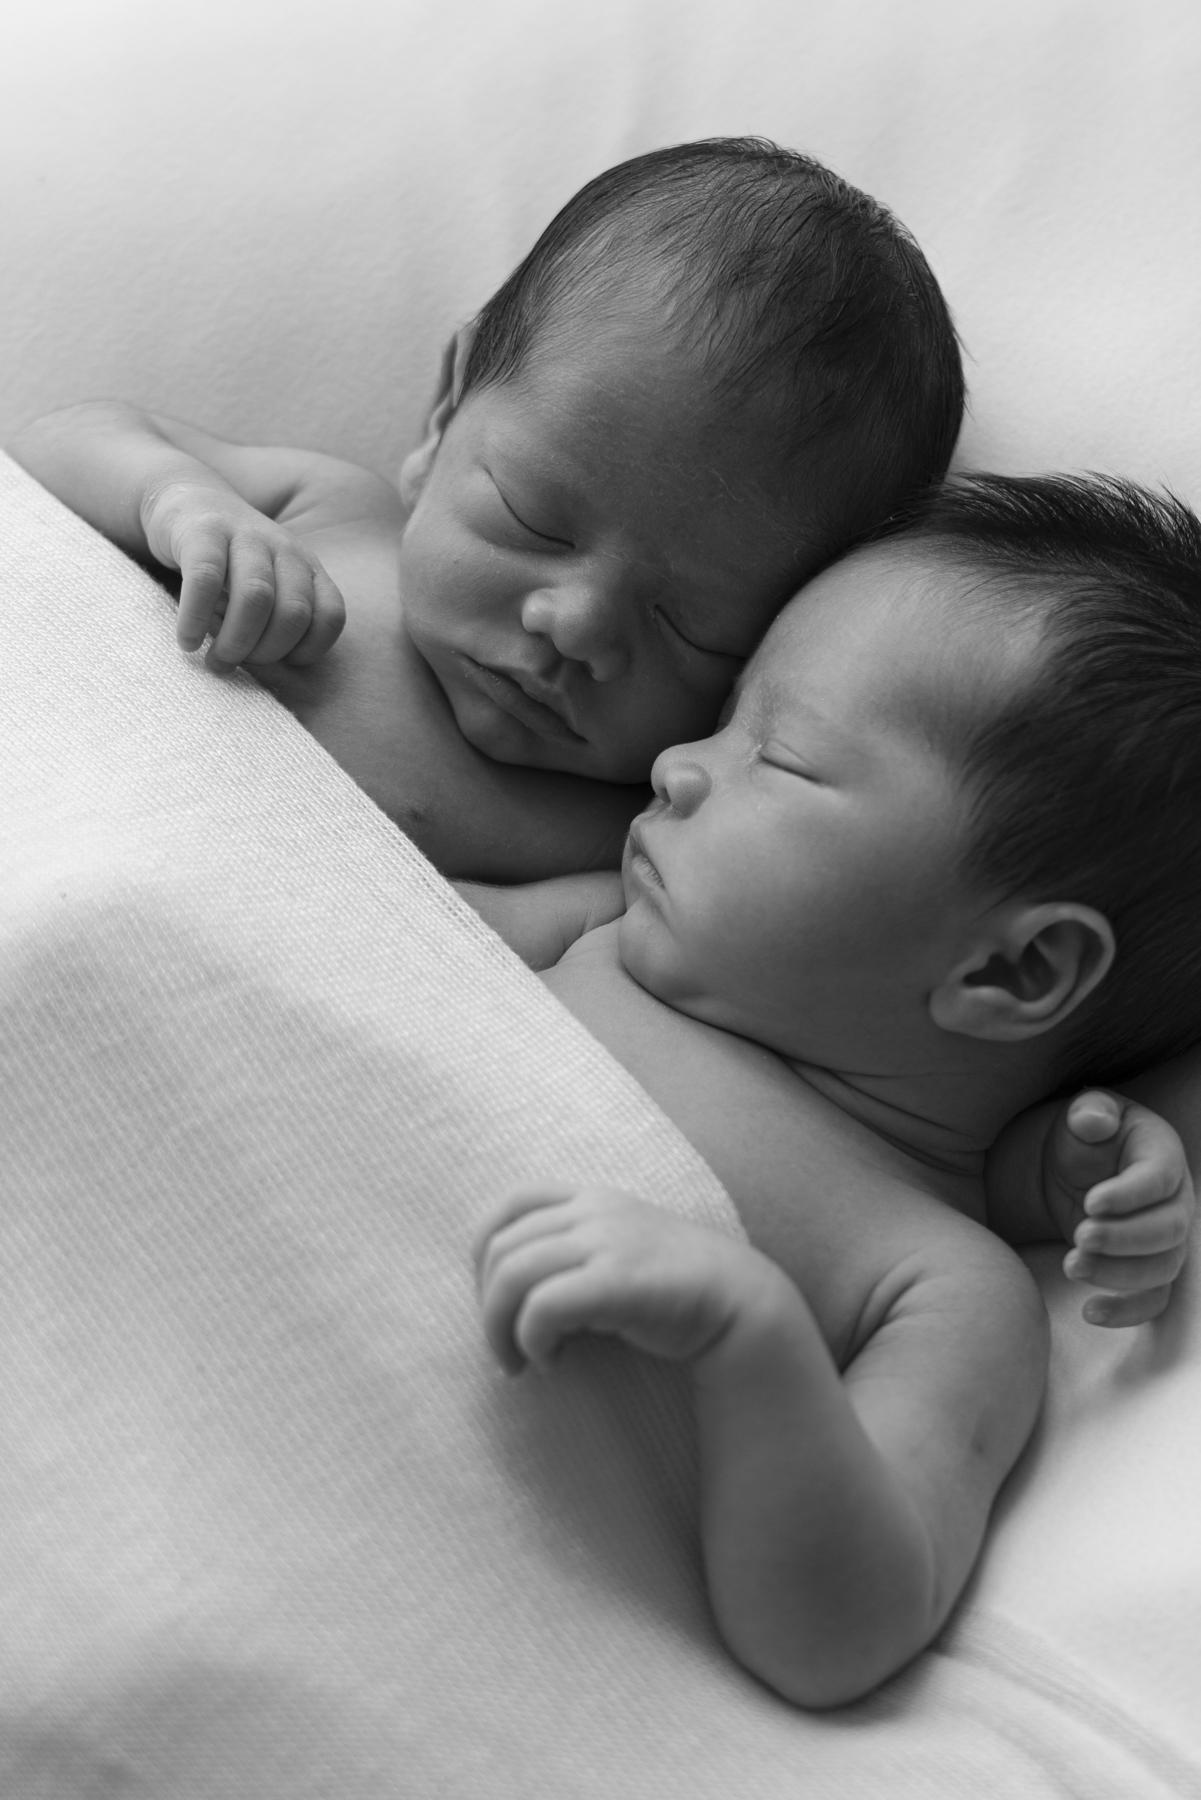 fine art new born twins photography hong kong